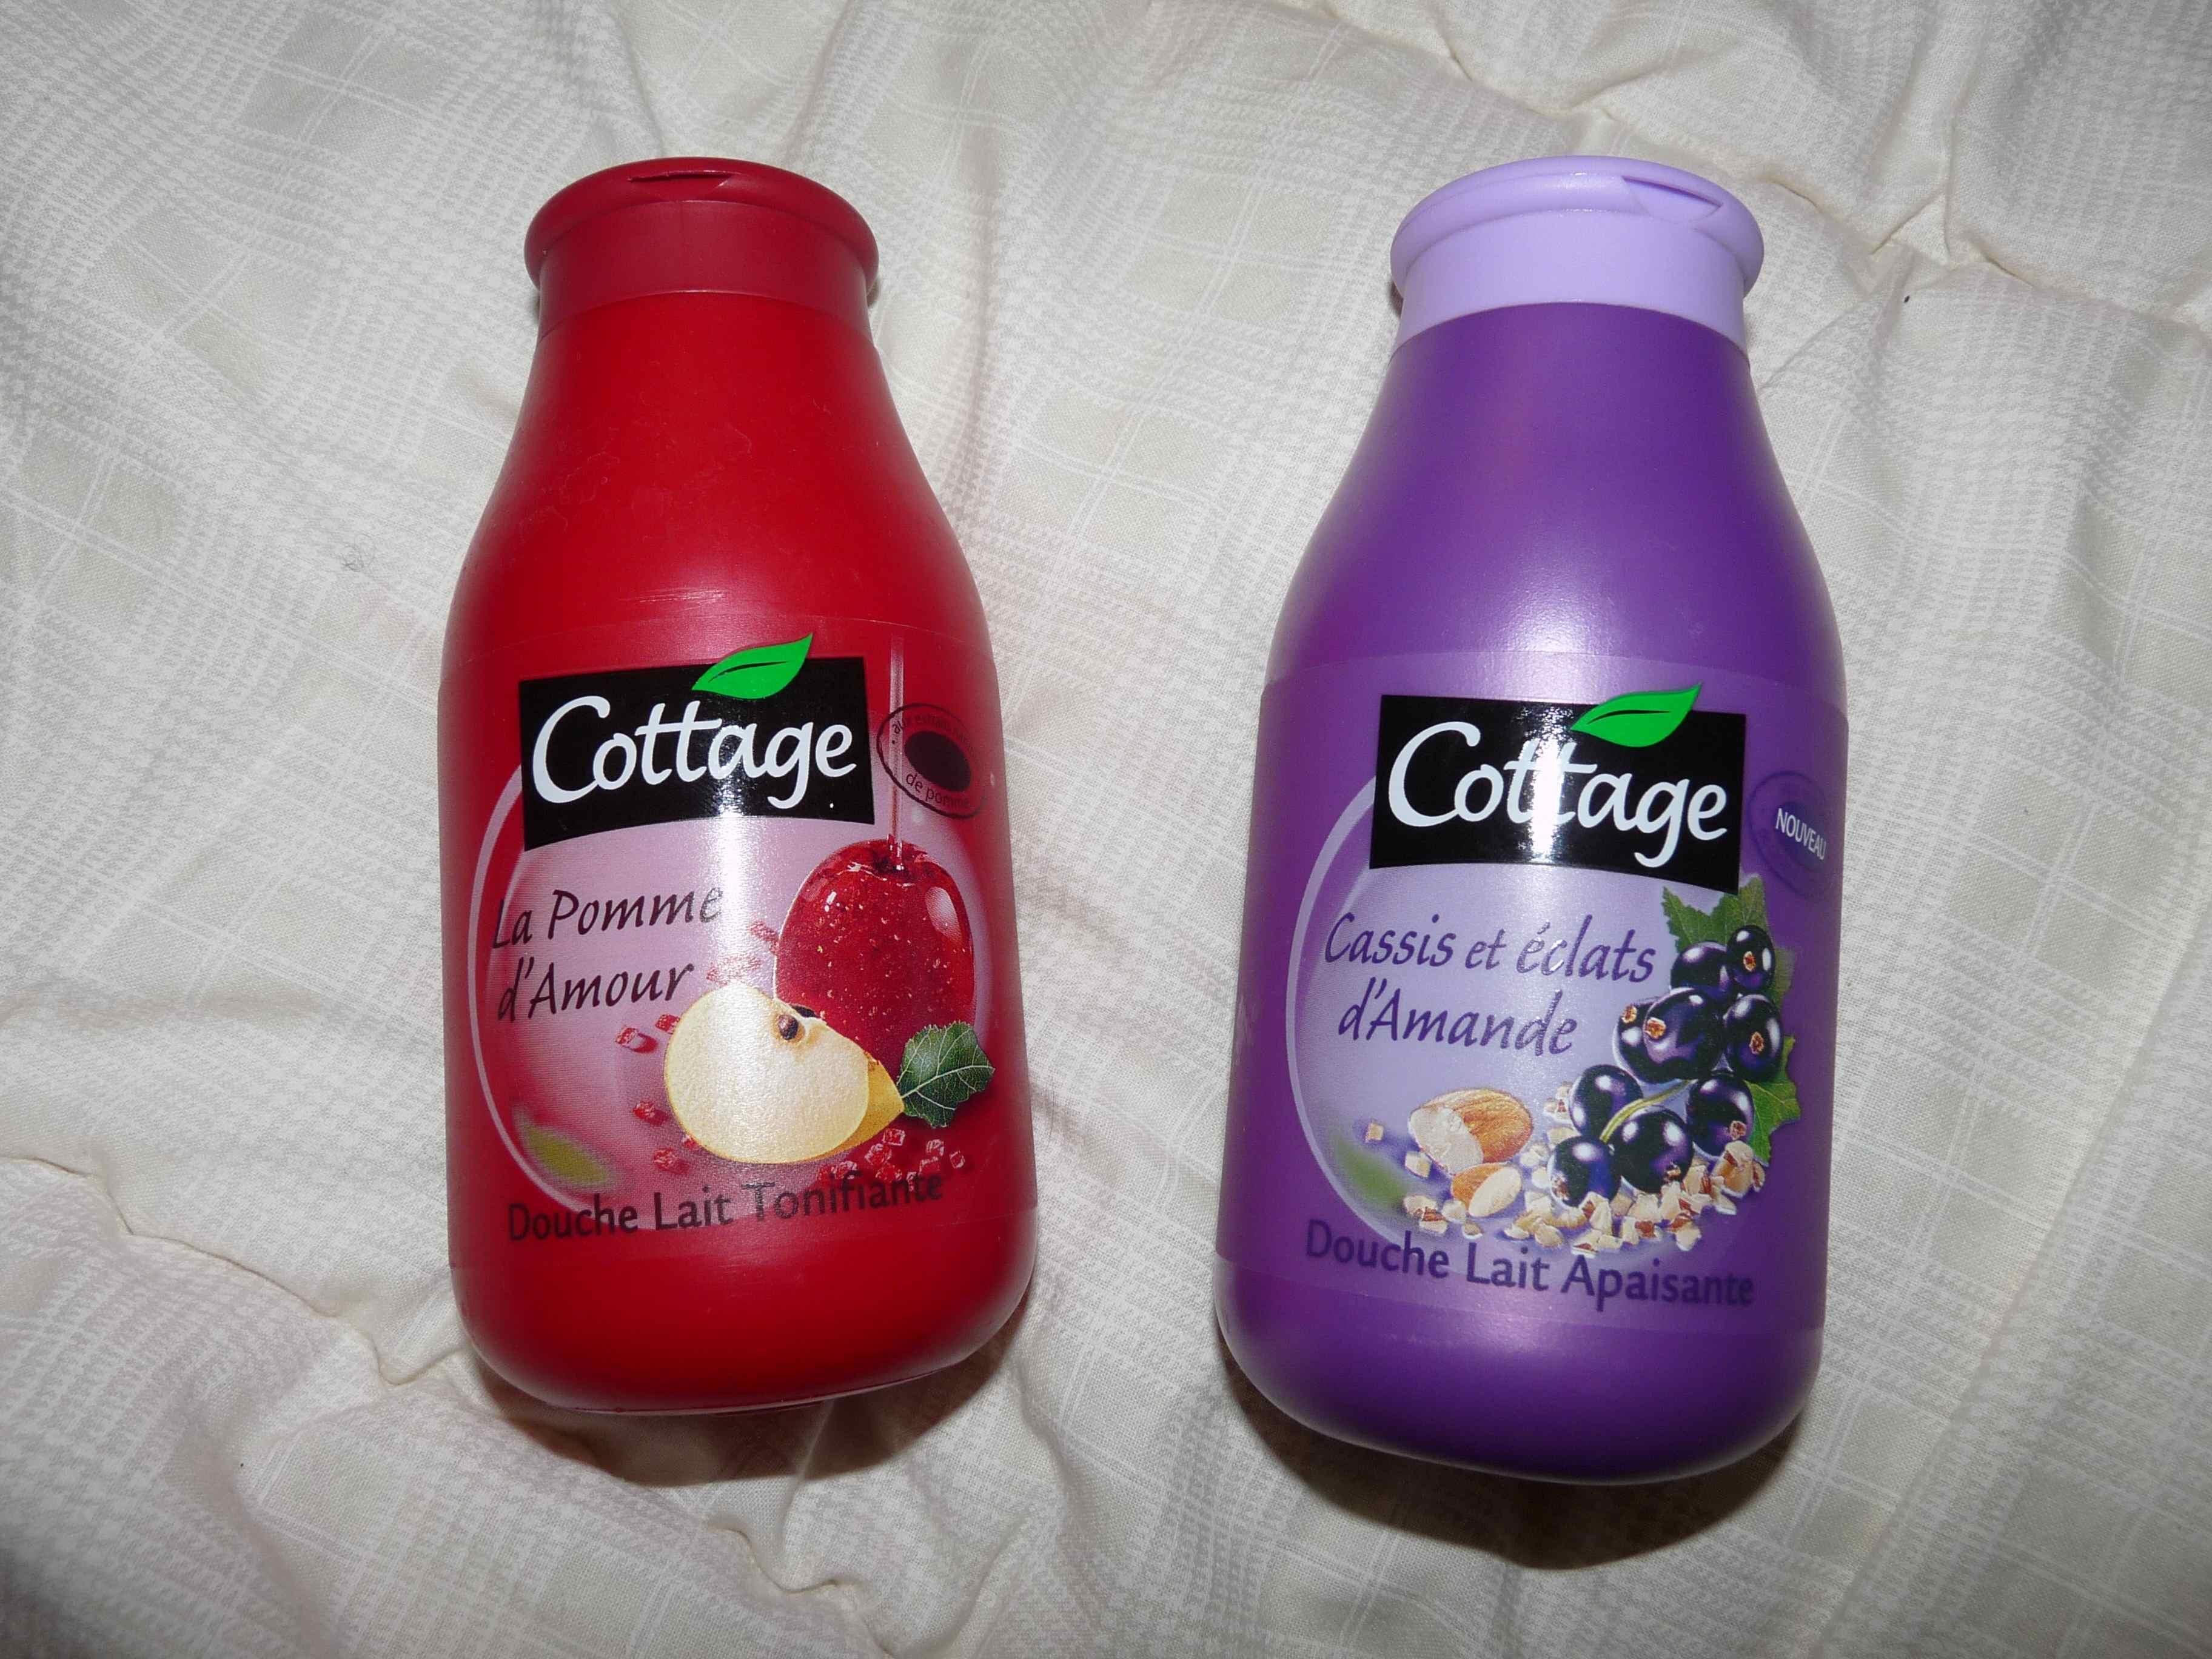 Cottage gel lait douche cassis éclats amande